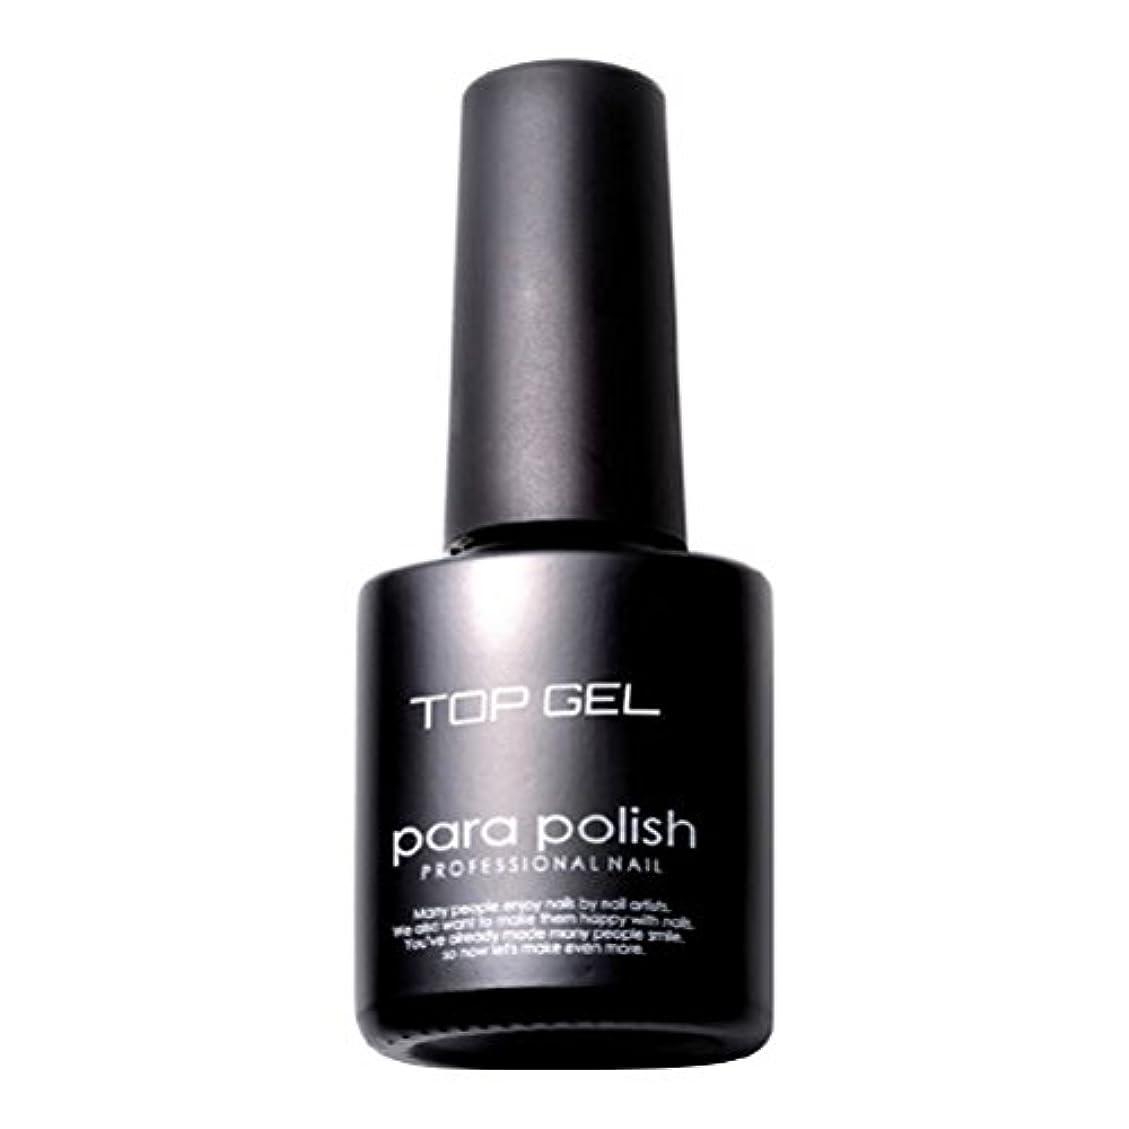 衝突コースチャンピオン落胆するパラジェル para polish(パラポリッシュ) トップジェル 7g